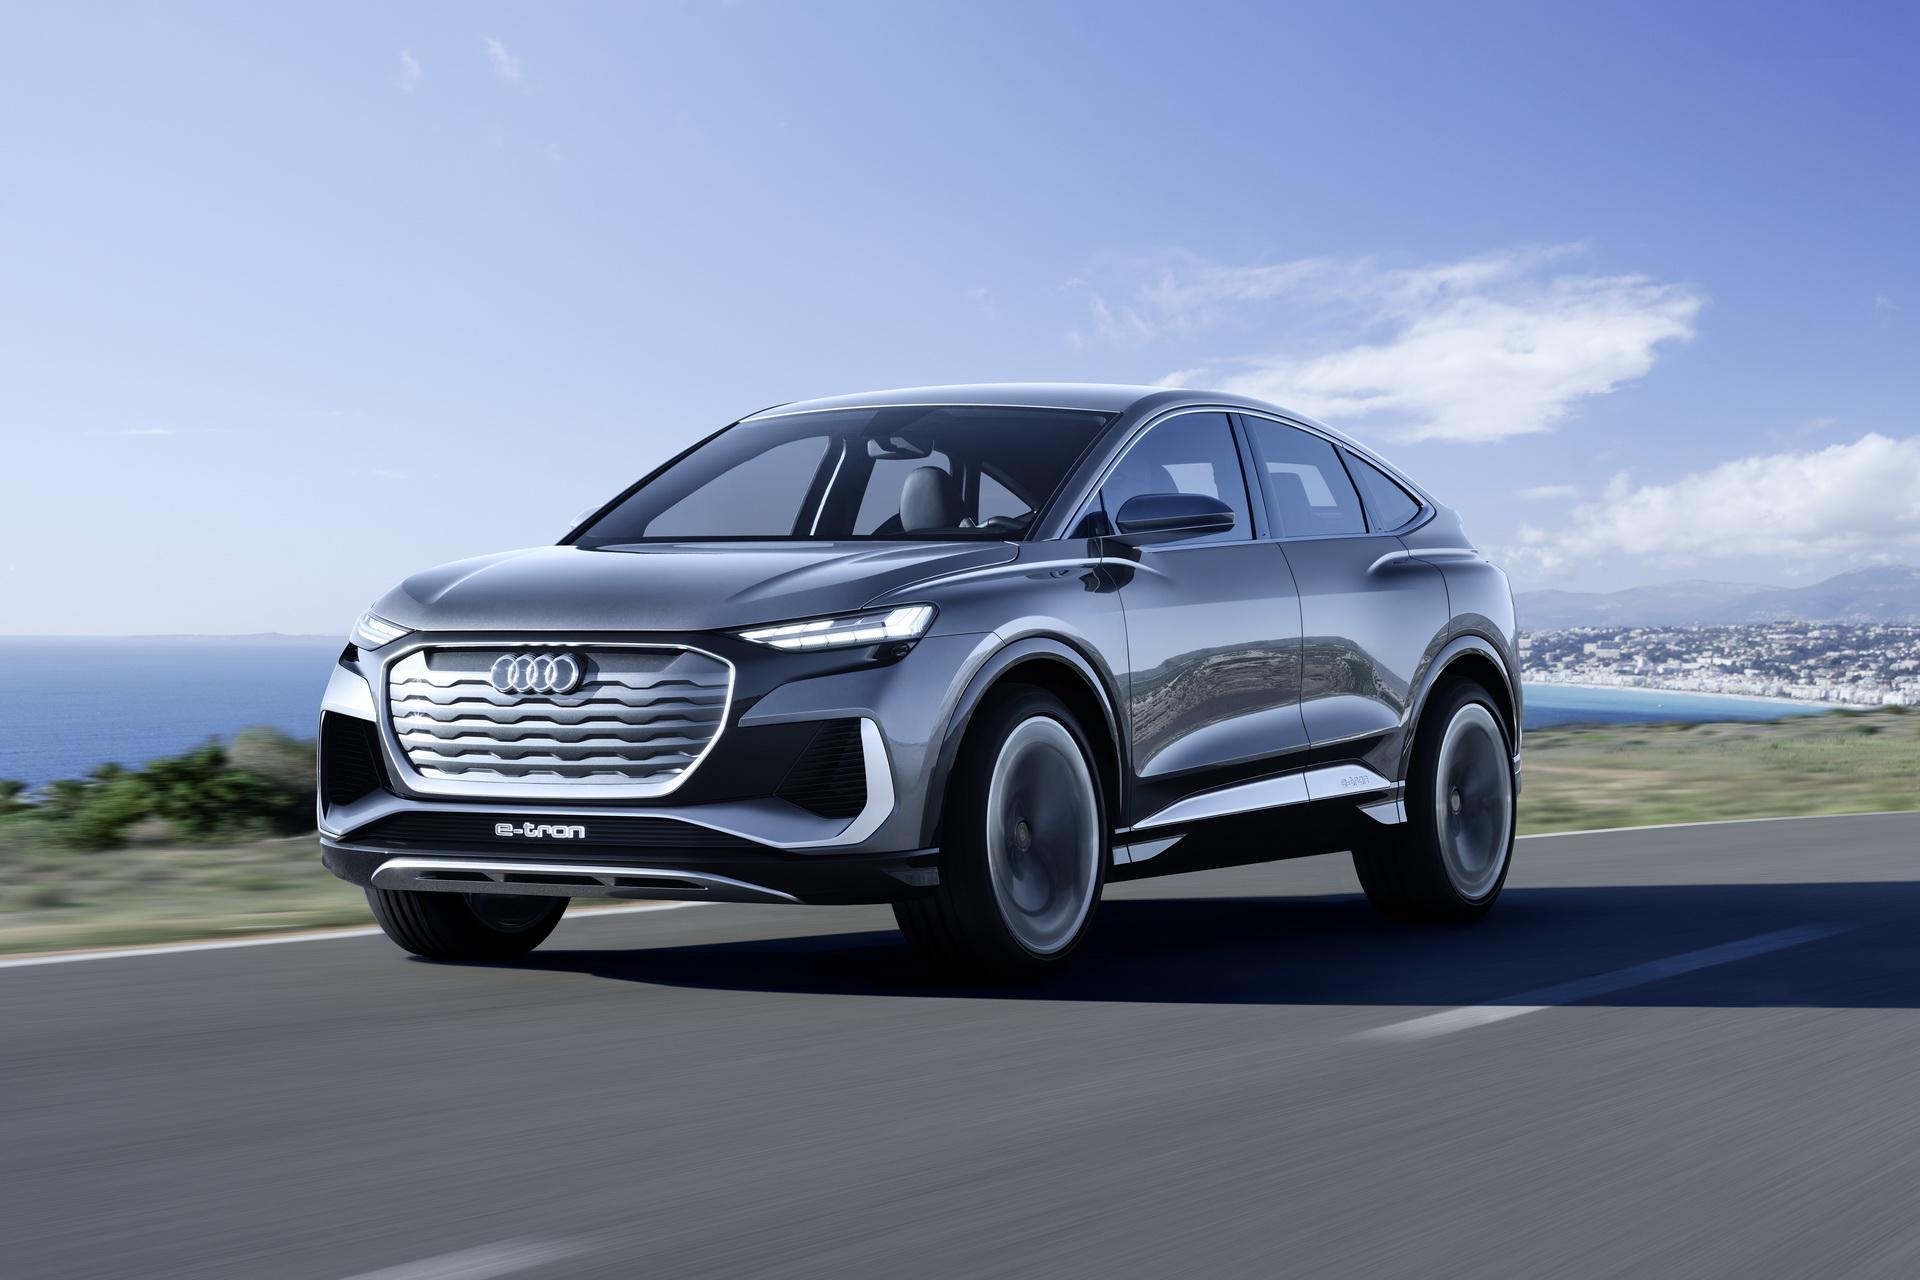 Audi отвоевывает землю у Tesla с концептом купеобразного кросса Q4 e-tron Sportback